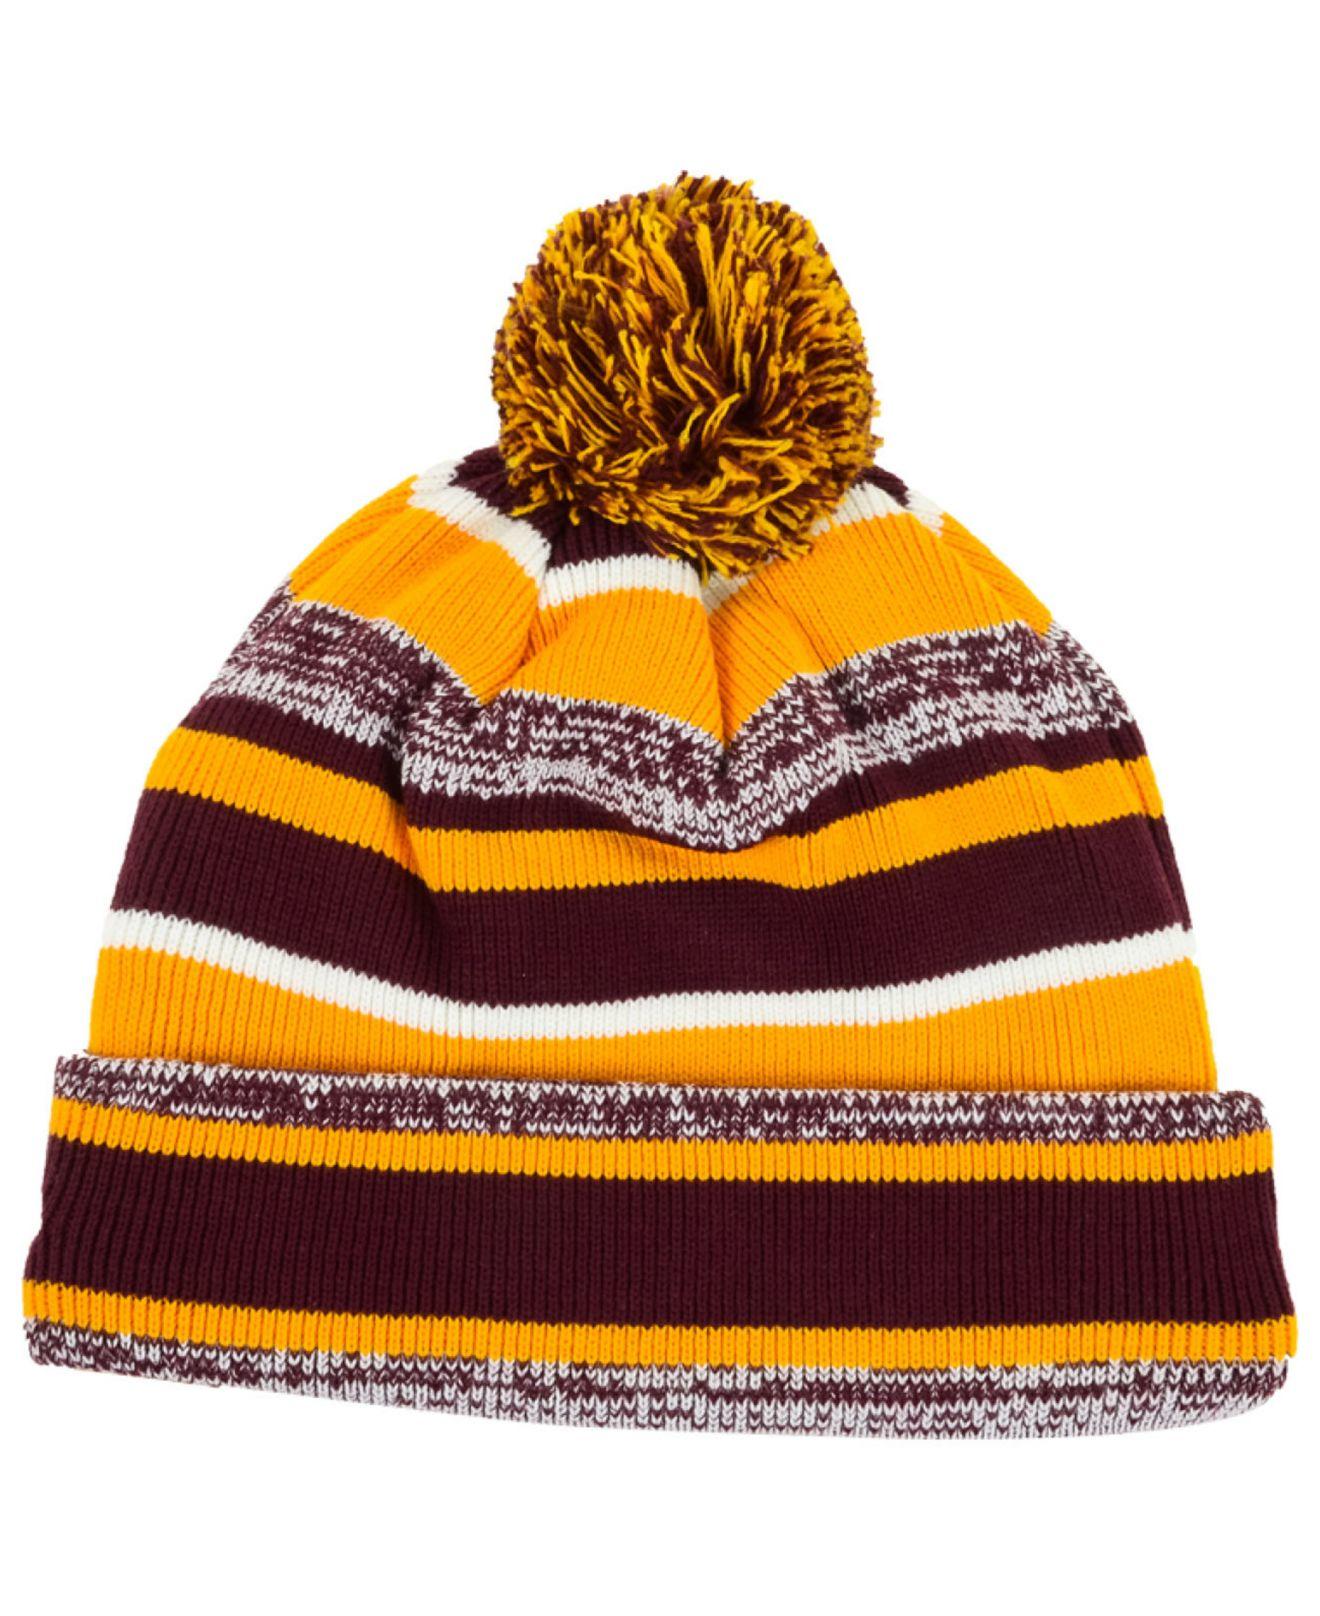 99a6f669ef299c ... buy lyst ktz minnesota golden gophers sport knit hat in purple for men  7785c bf560